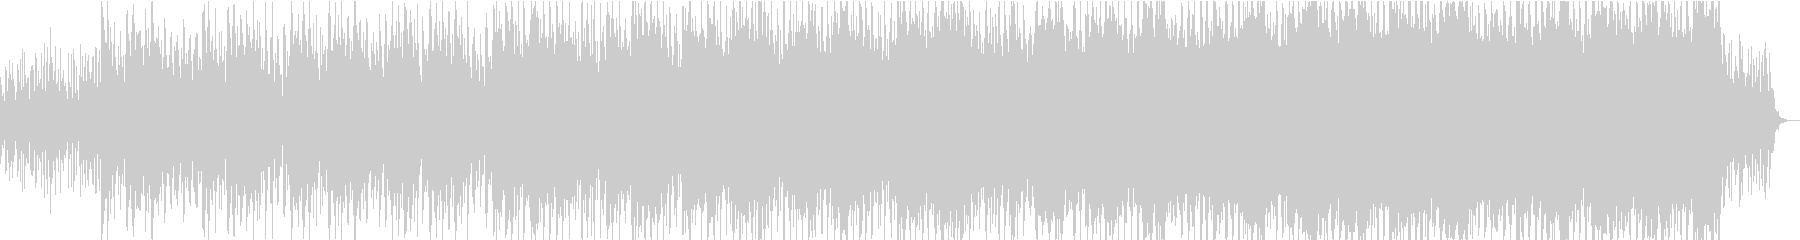 ポップ ロック コーポレート ほの...の未再生の波形